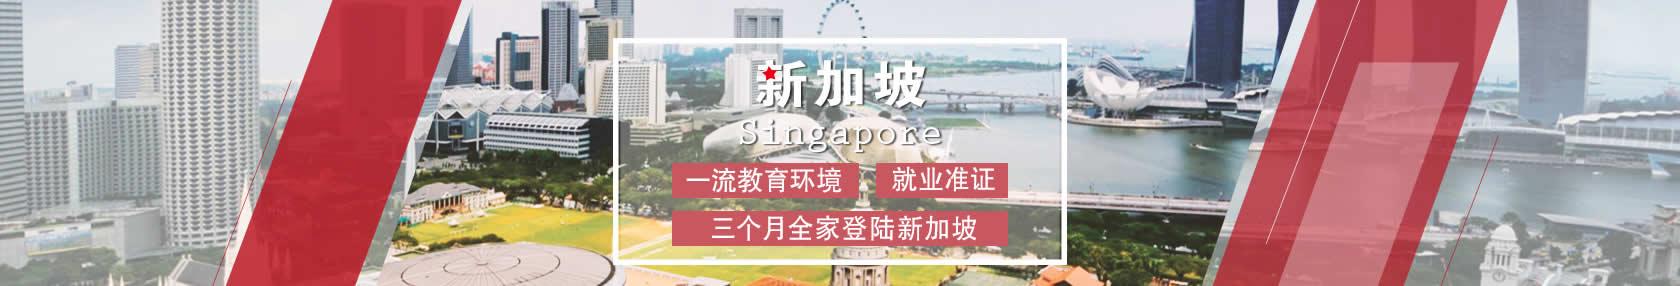 【环球移民】新加坡就业(EP)准证,三个月即可登陆新加坡享受一流教育环境